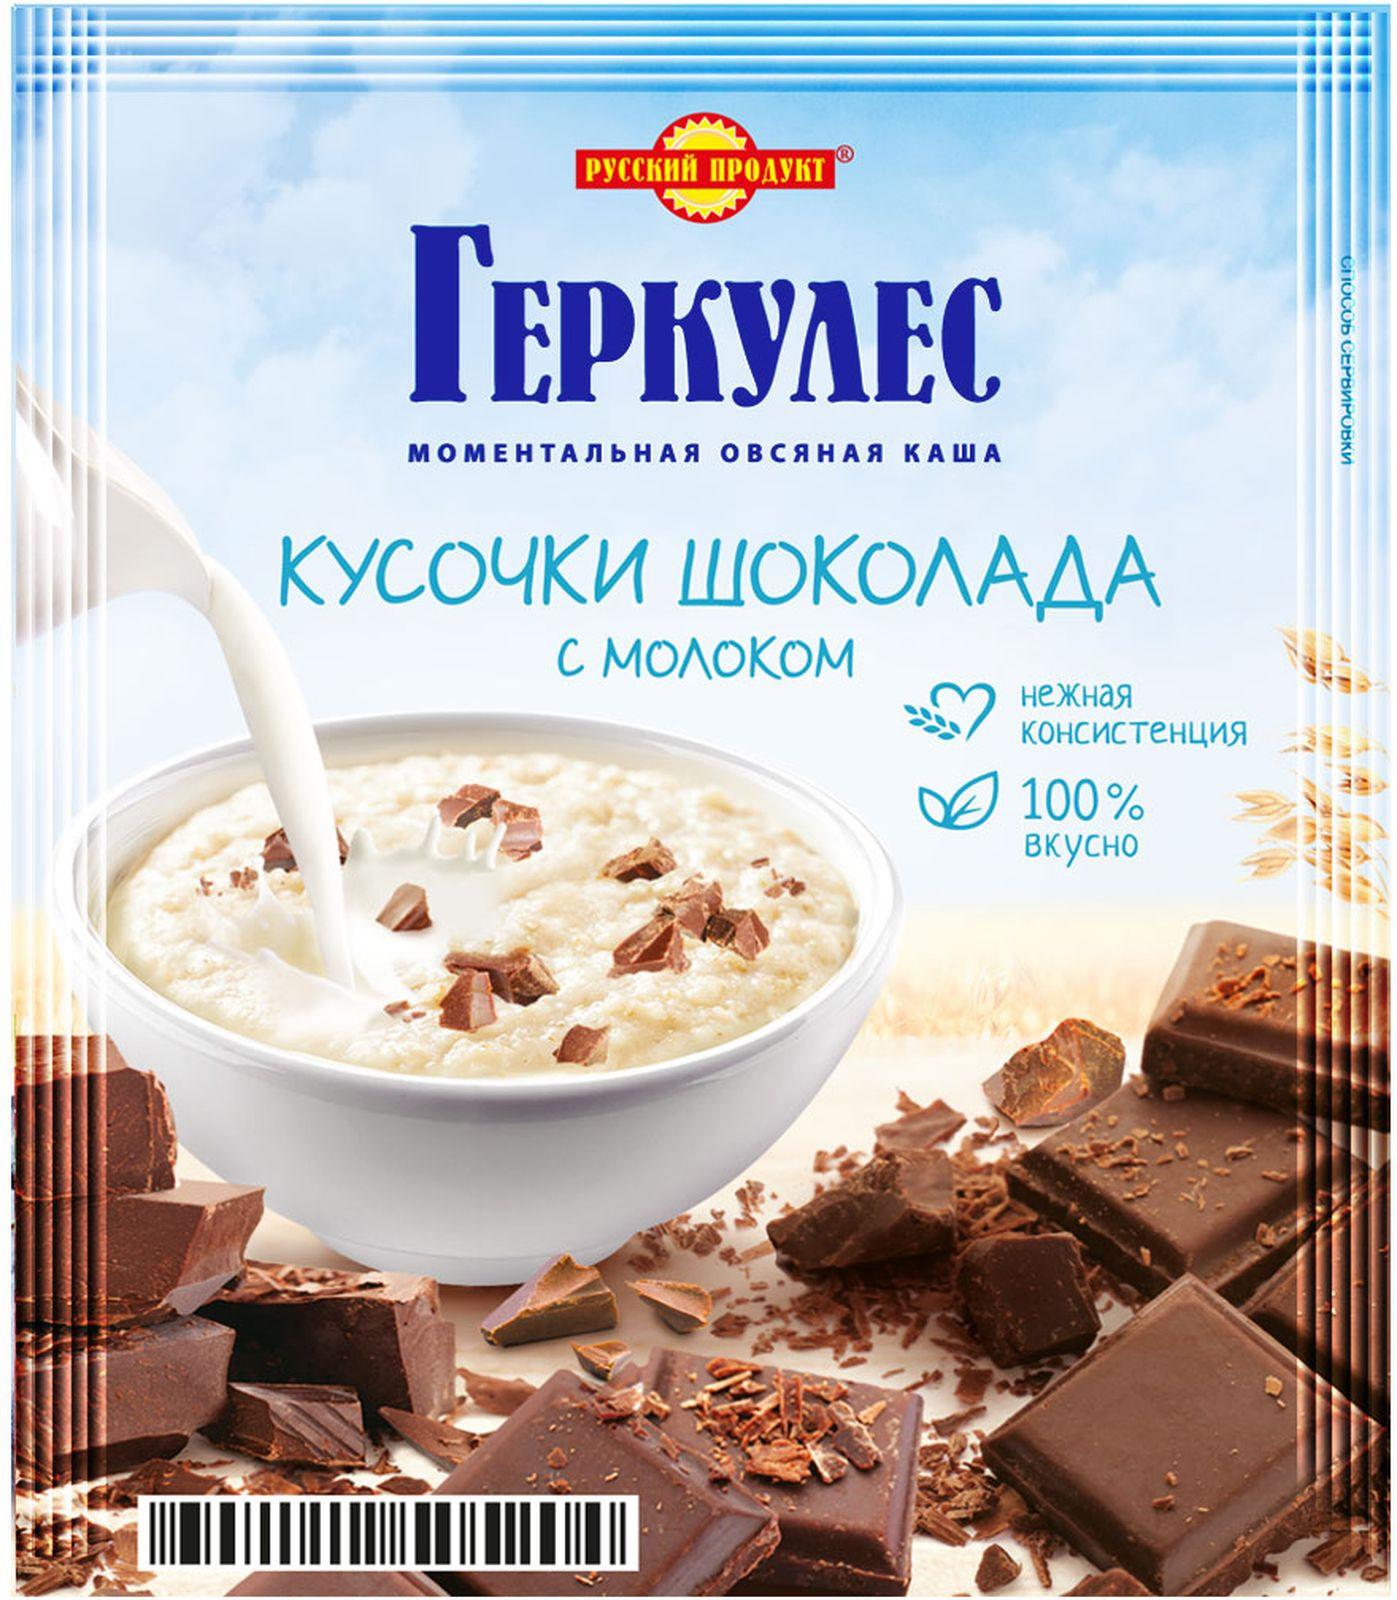 Овсяная каша-момент Геркулес с шоколадом и молоком, 30 шт по 35 г русский продукт геркулес овсяная каша с клубникой 30 шт по 35 г